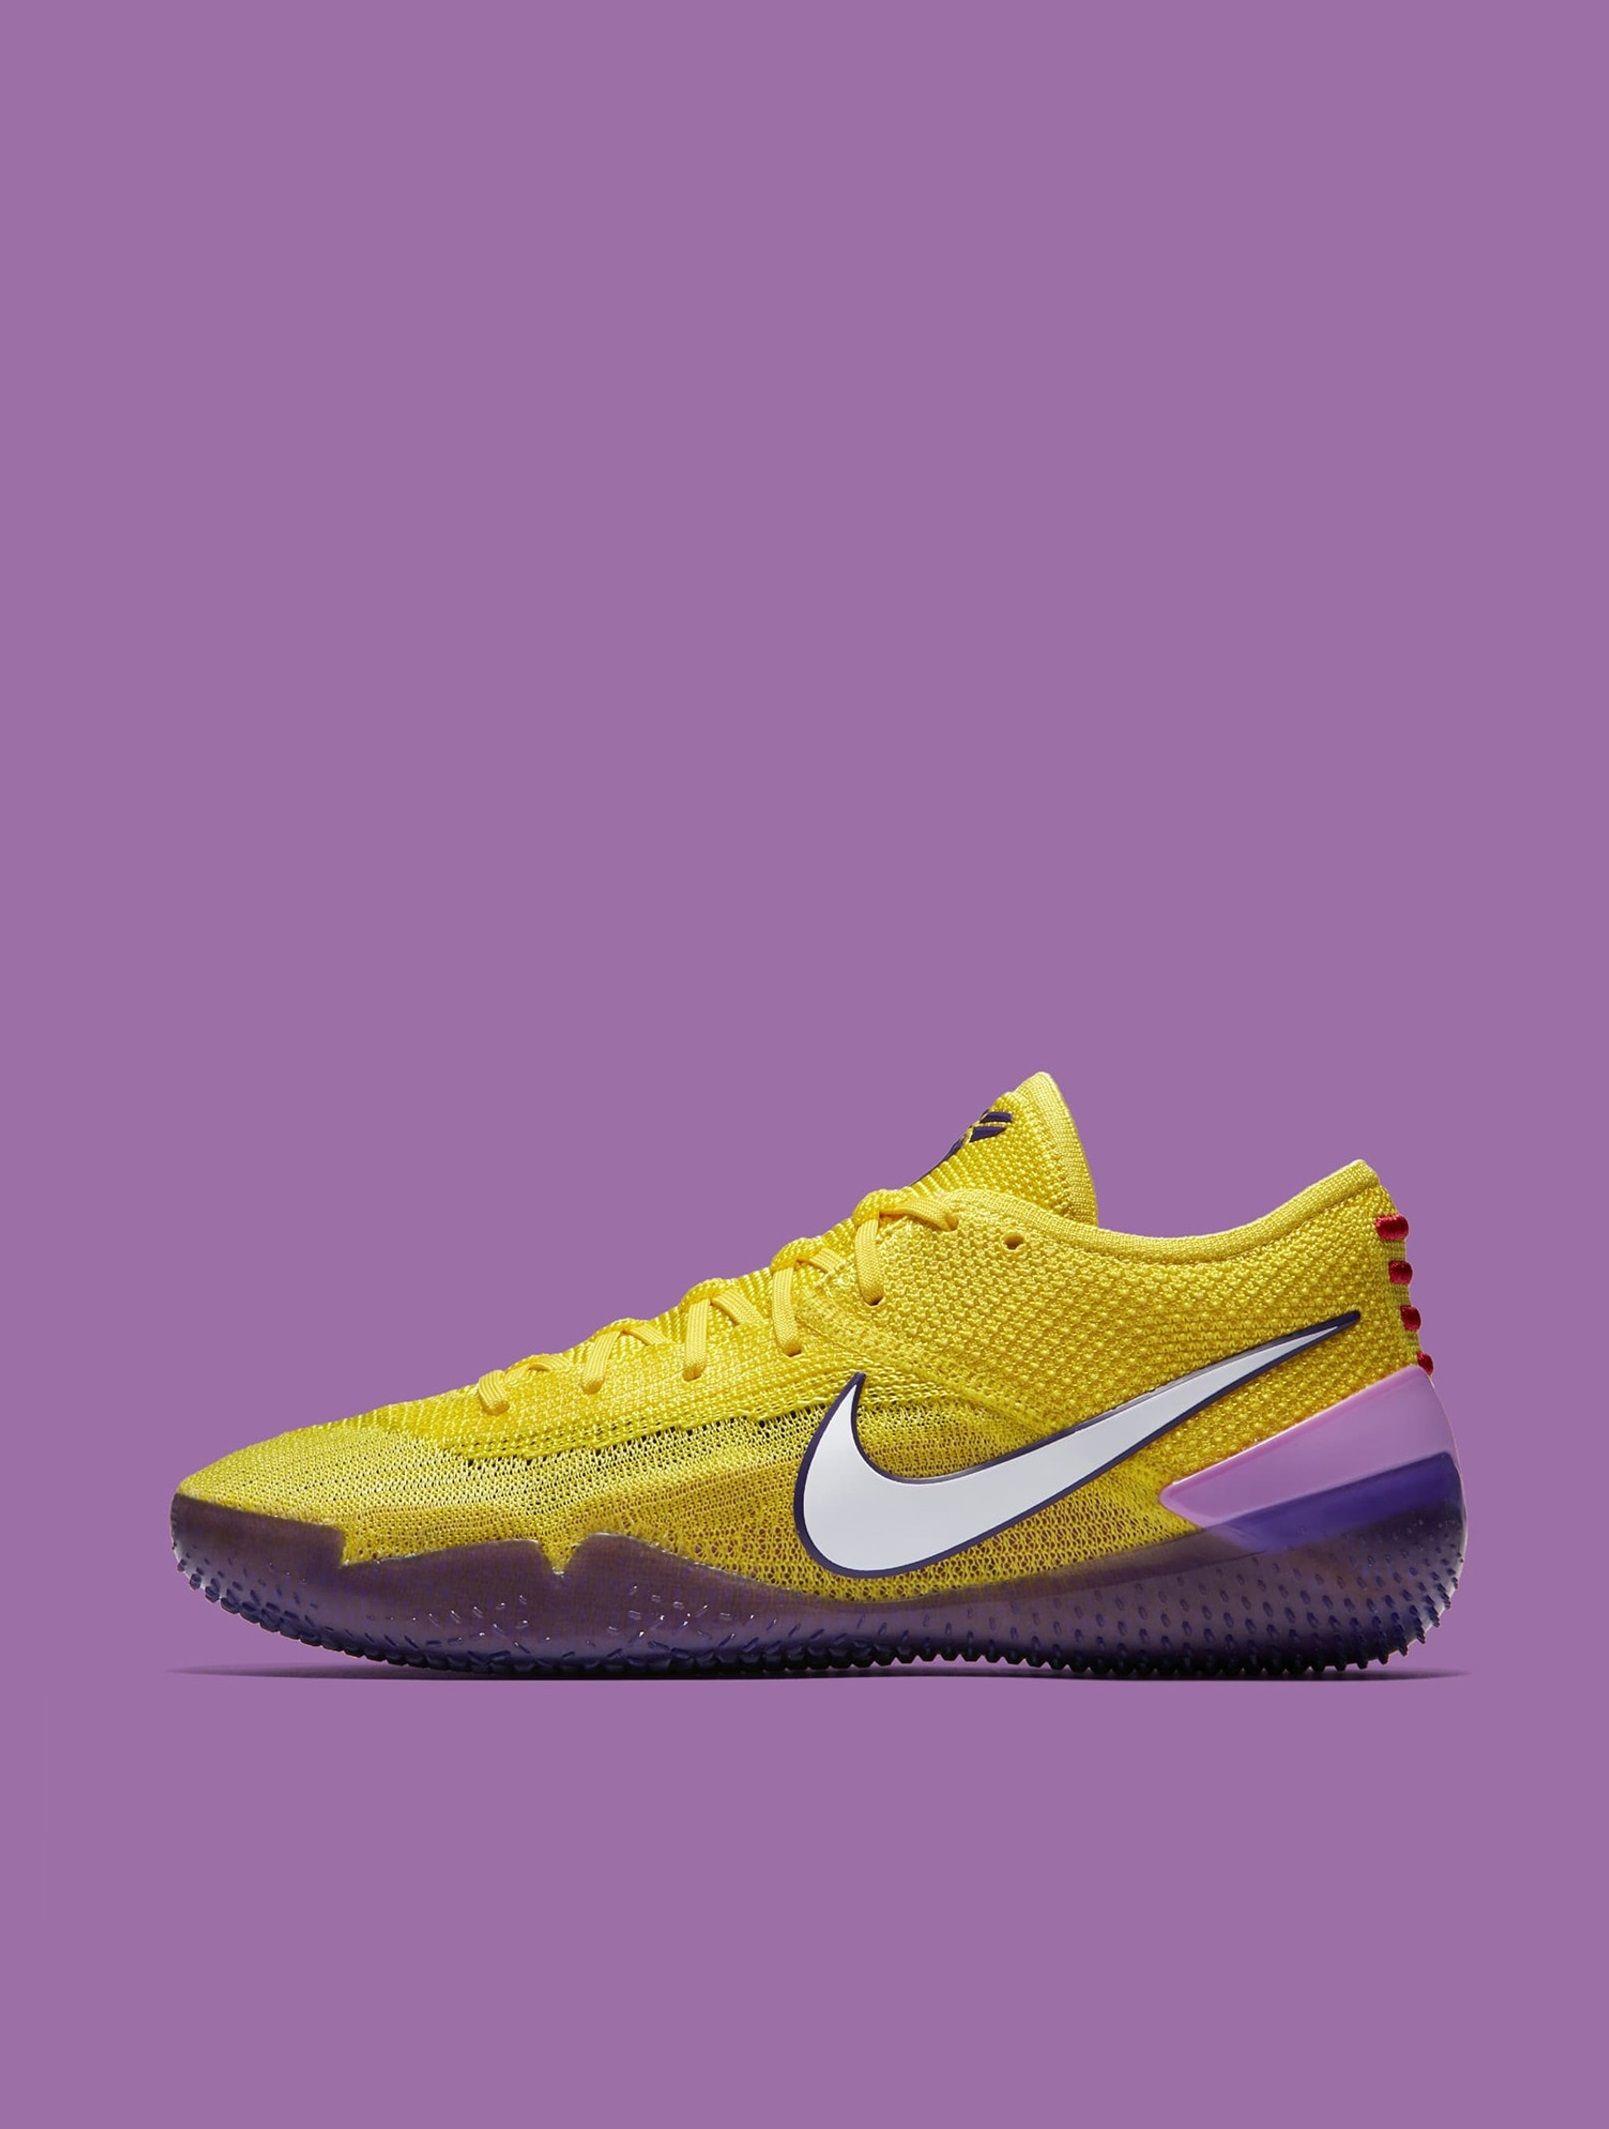 0f3f413f3d64 Nike Kobe AD NXT 360